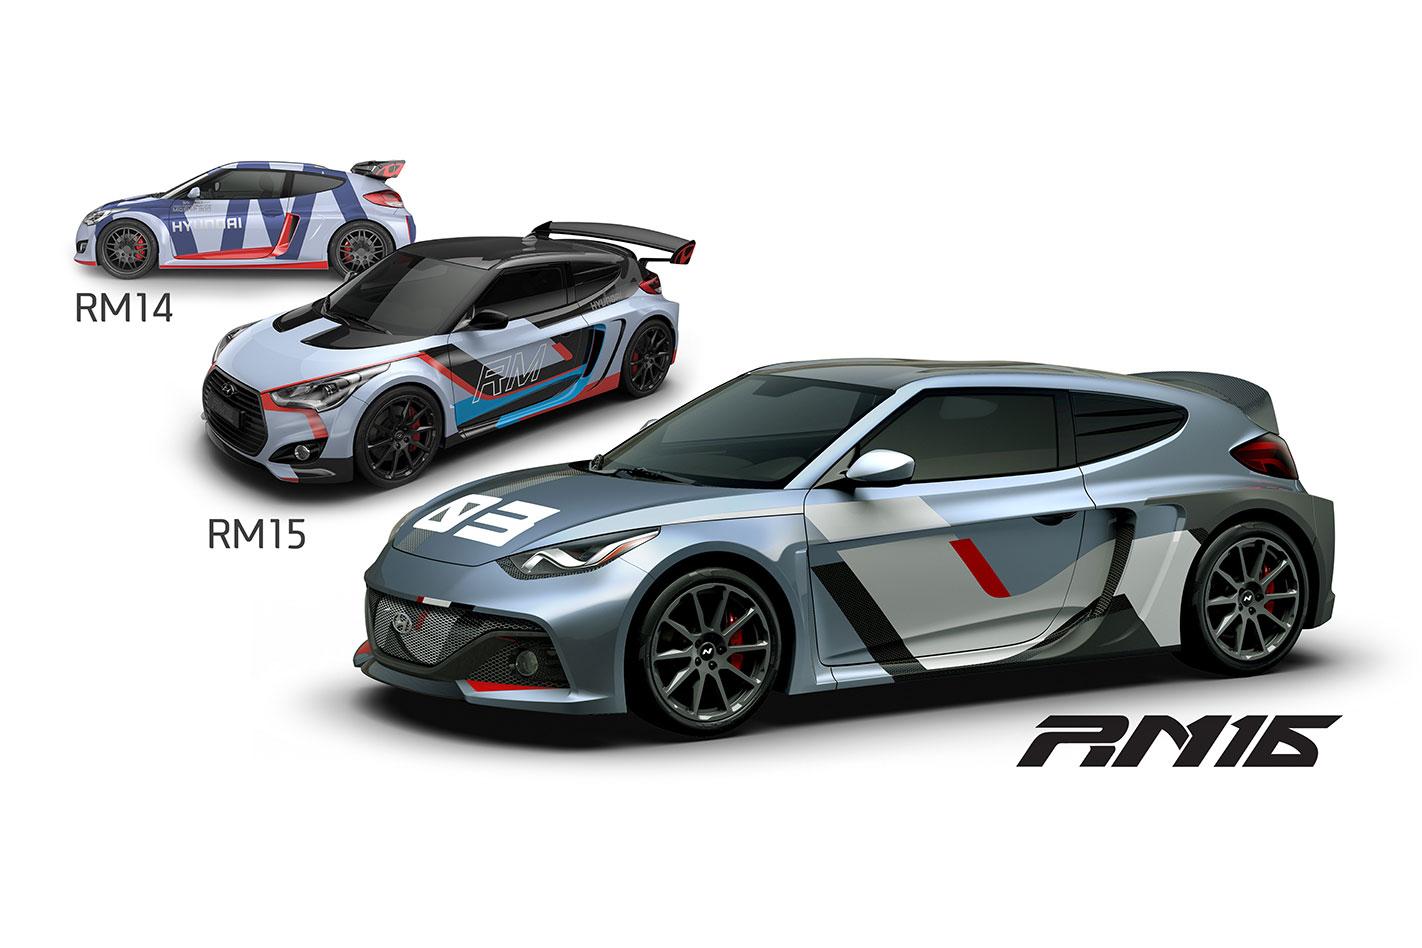 Hyundai -RM-concepts